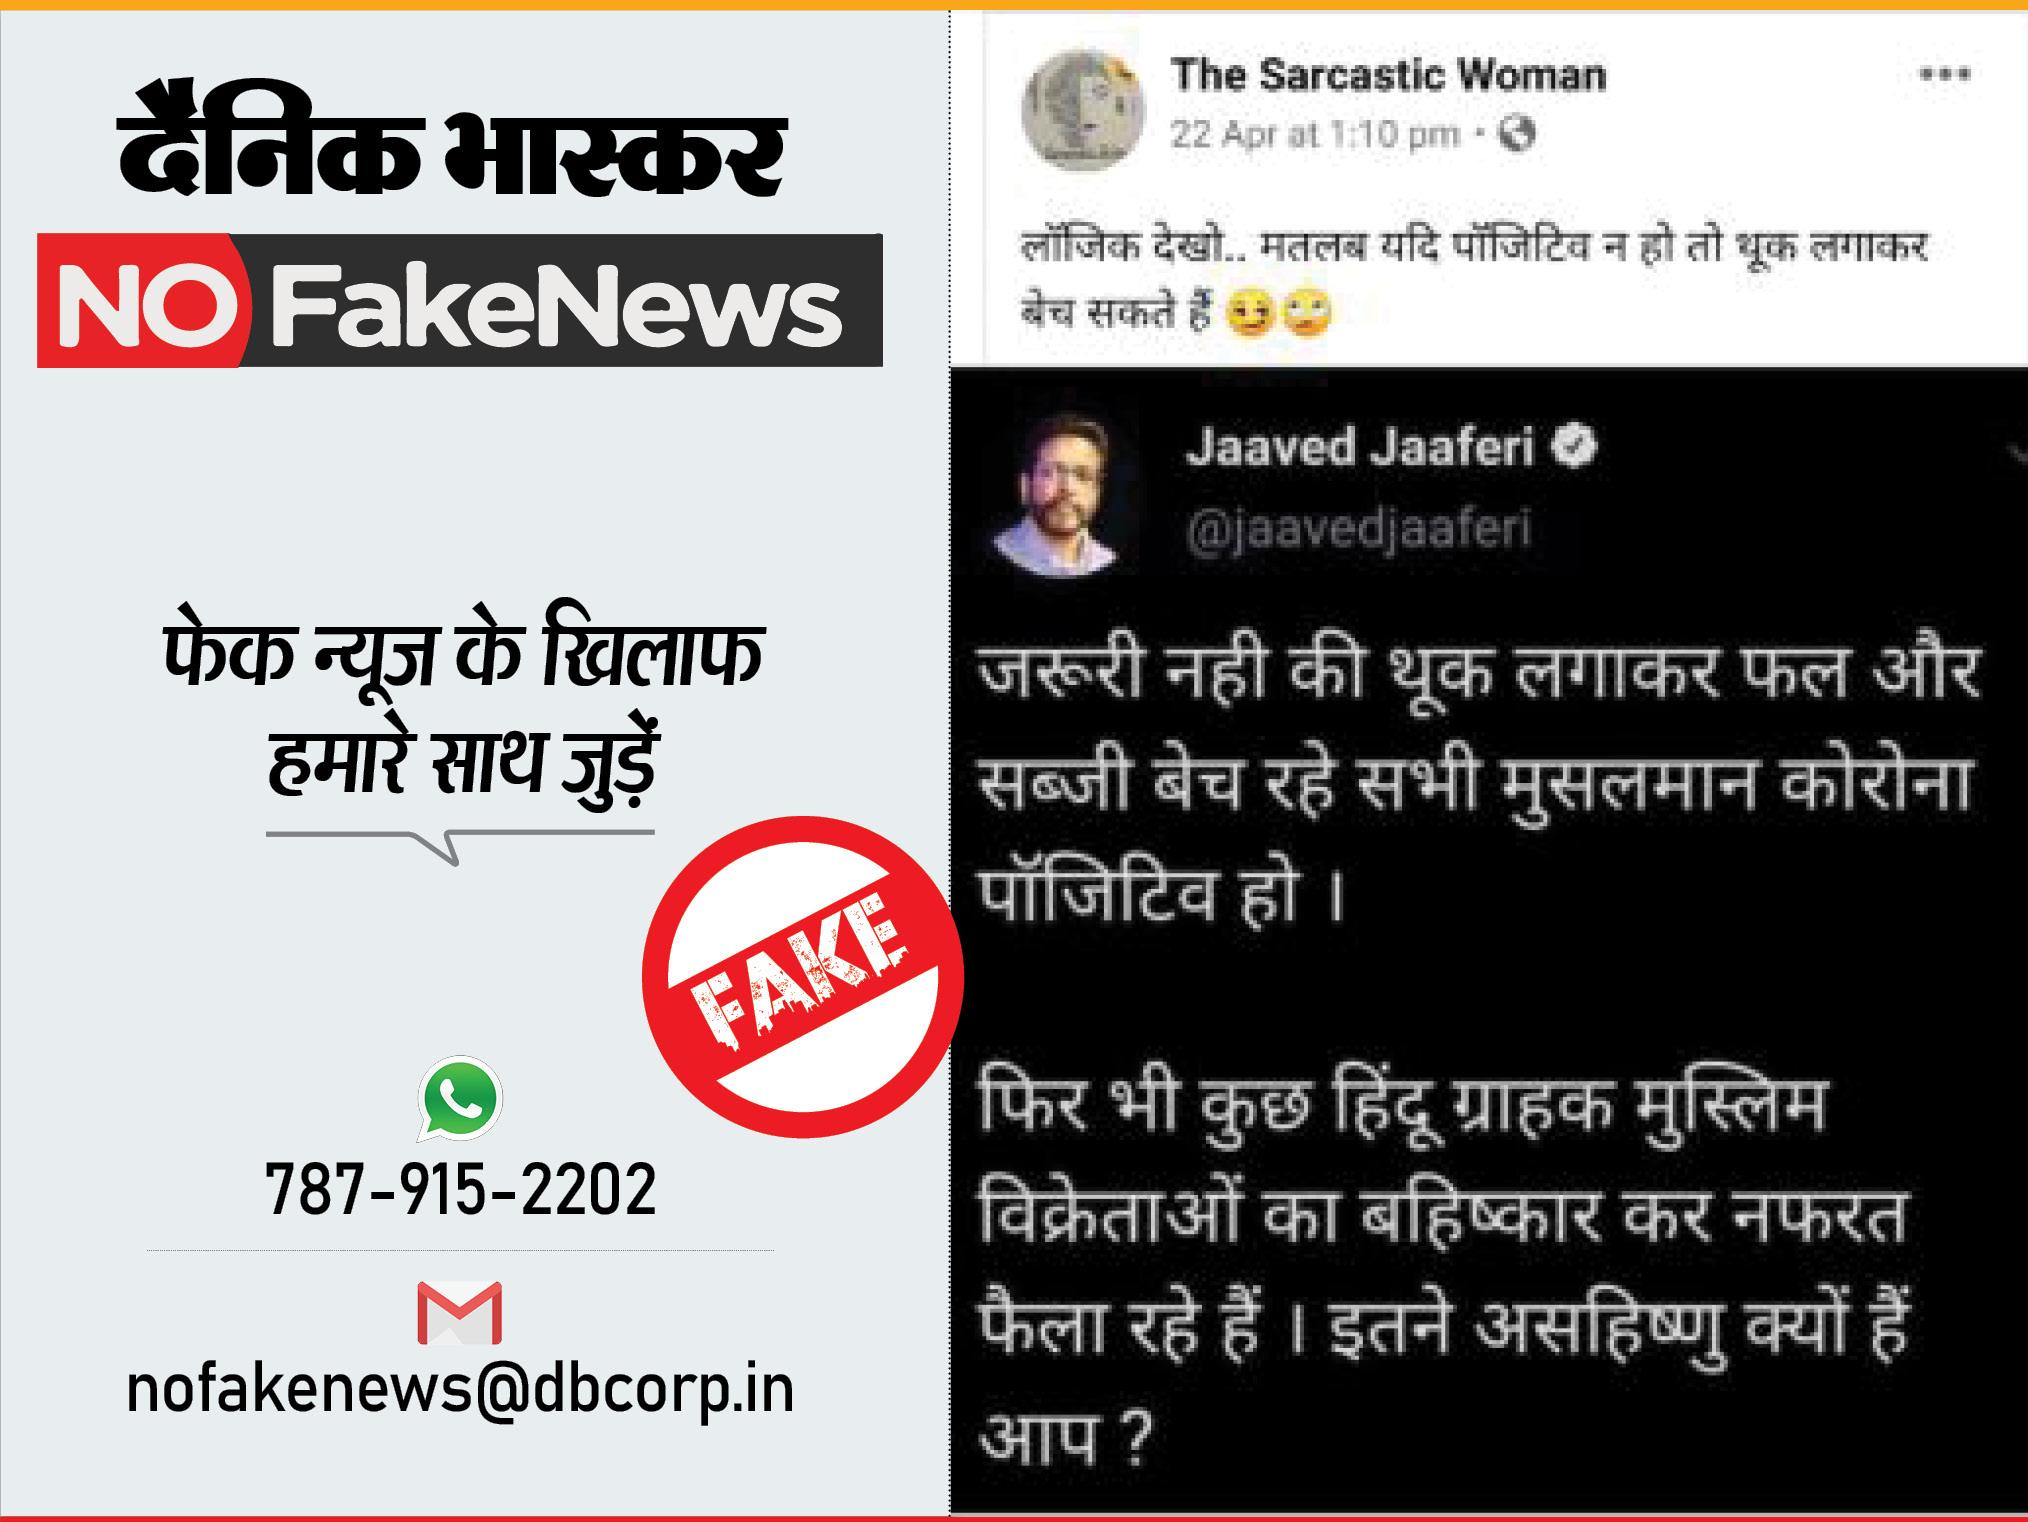 जावेद जाफरी के नाम से फर्जी ट्वीट का स्क्रीनशॉट वायरल, एक्टर ने वीडियो मैसेज शेयर कर दी सफाई फेक न्यूज़ एक्सपोज़,Fake News Expose - Dainik Bhaskar